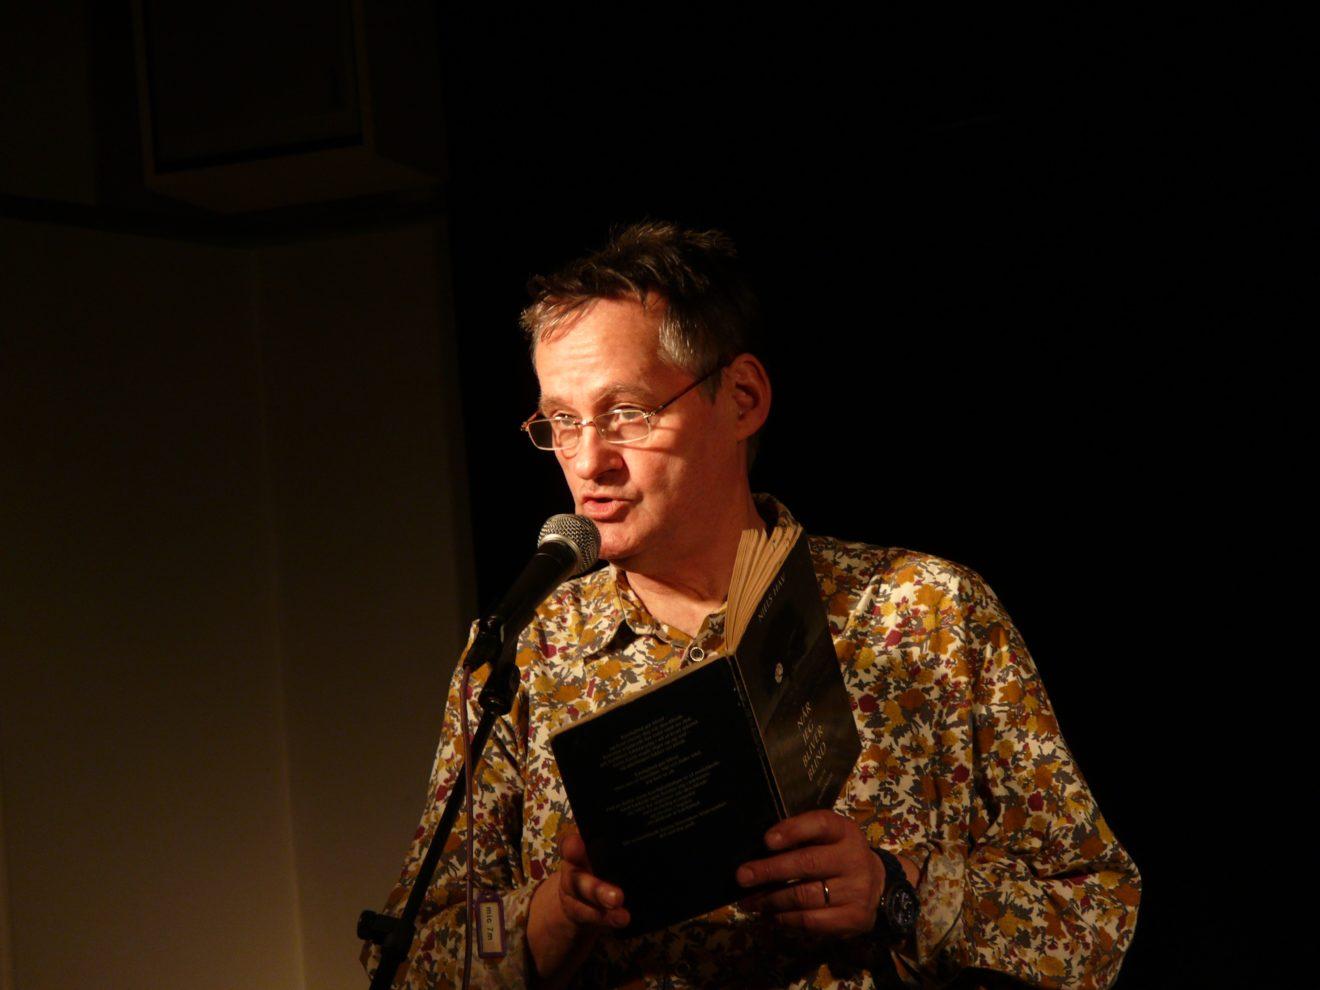 Niels Hav er september måneds digter på Poesi på en torsdag